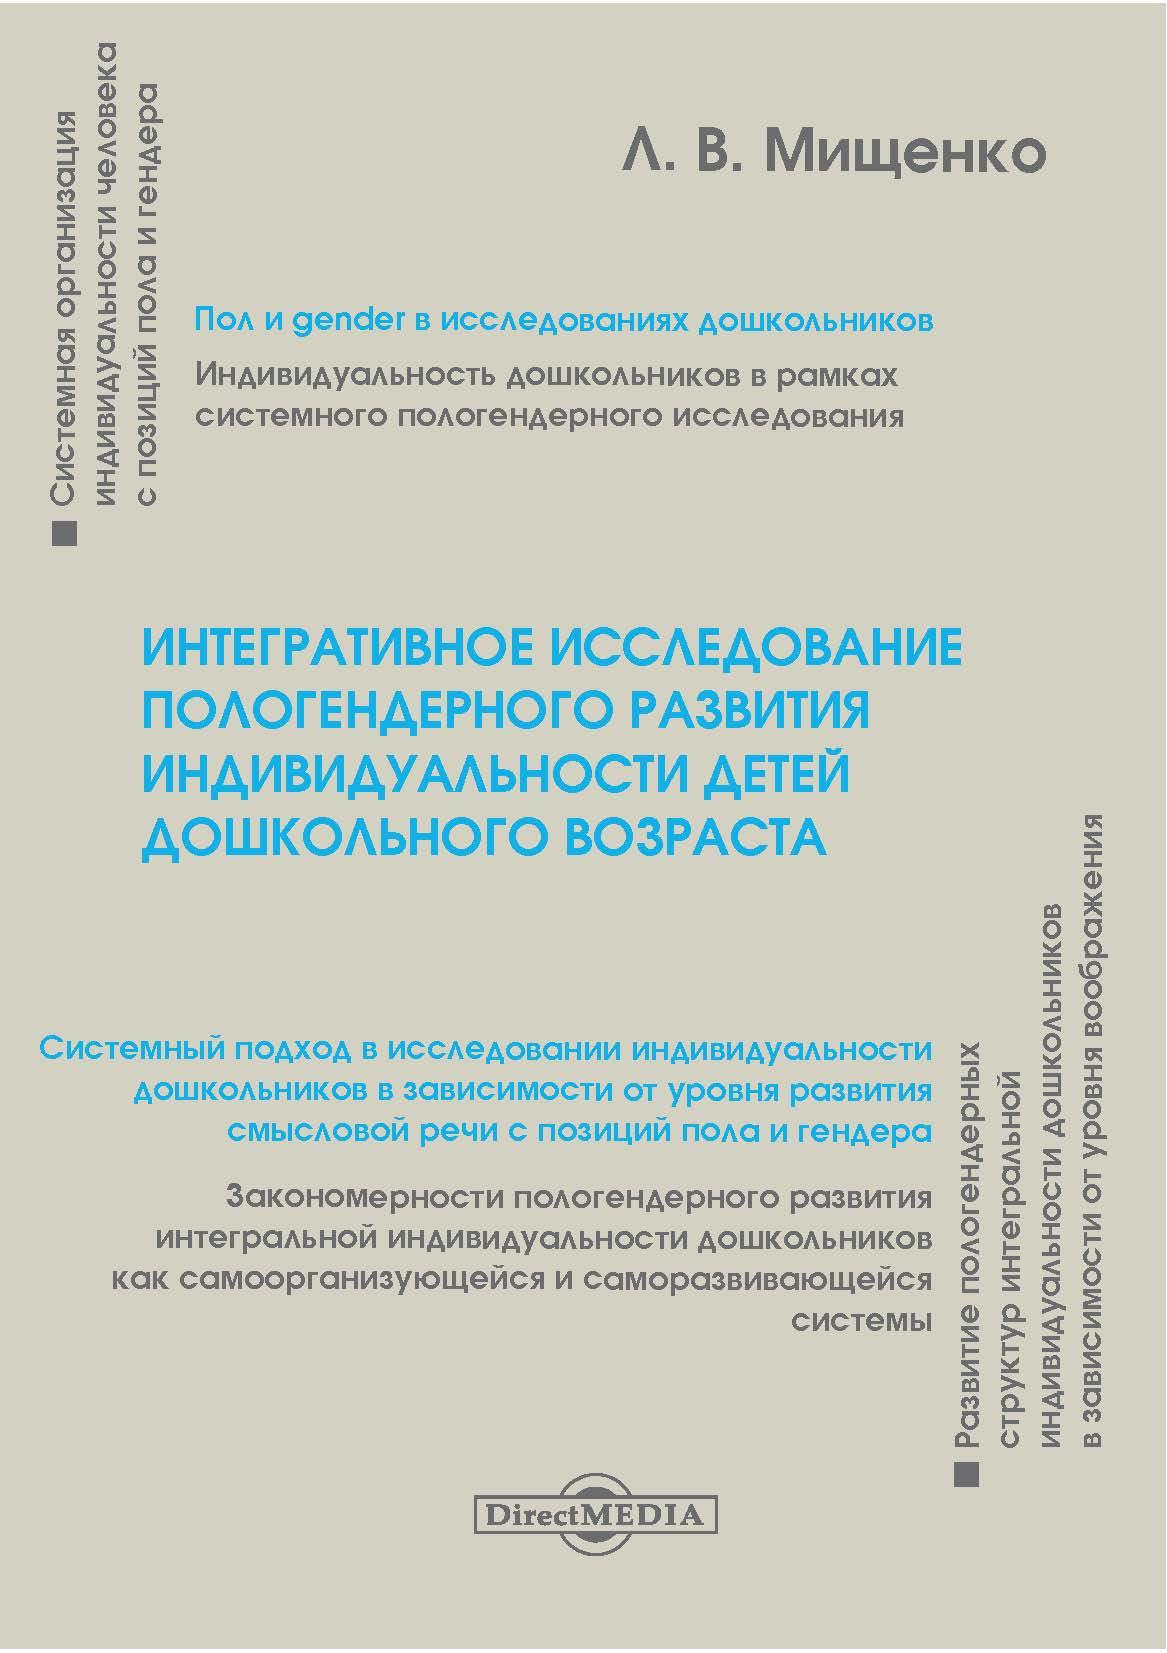 Любовь Мищенко Интегративное исследование пологендерного развития индивидуальности детей дошкольного возраста